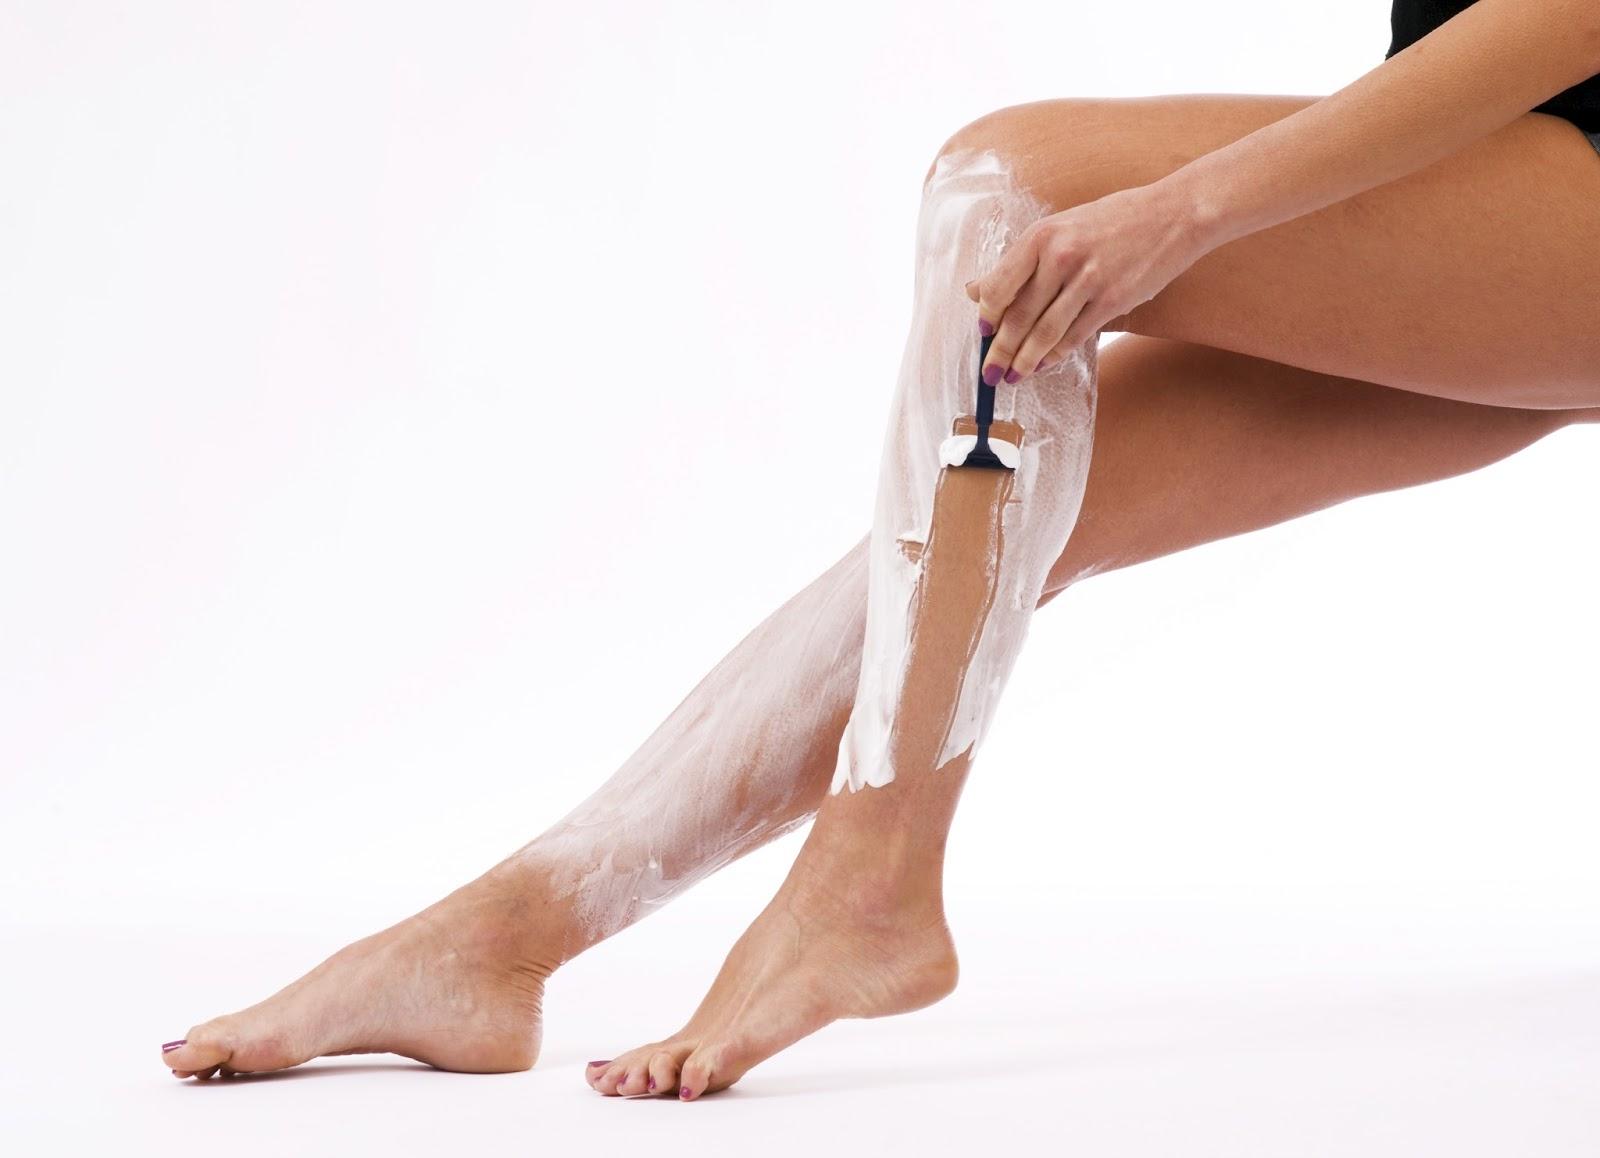 Показать фото женщин с раздвинутыми ногами в простых женских трусах пошел